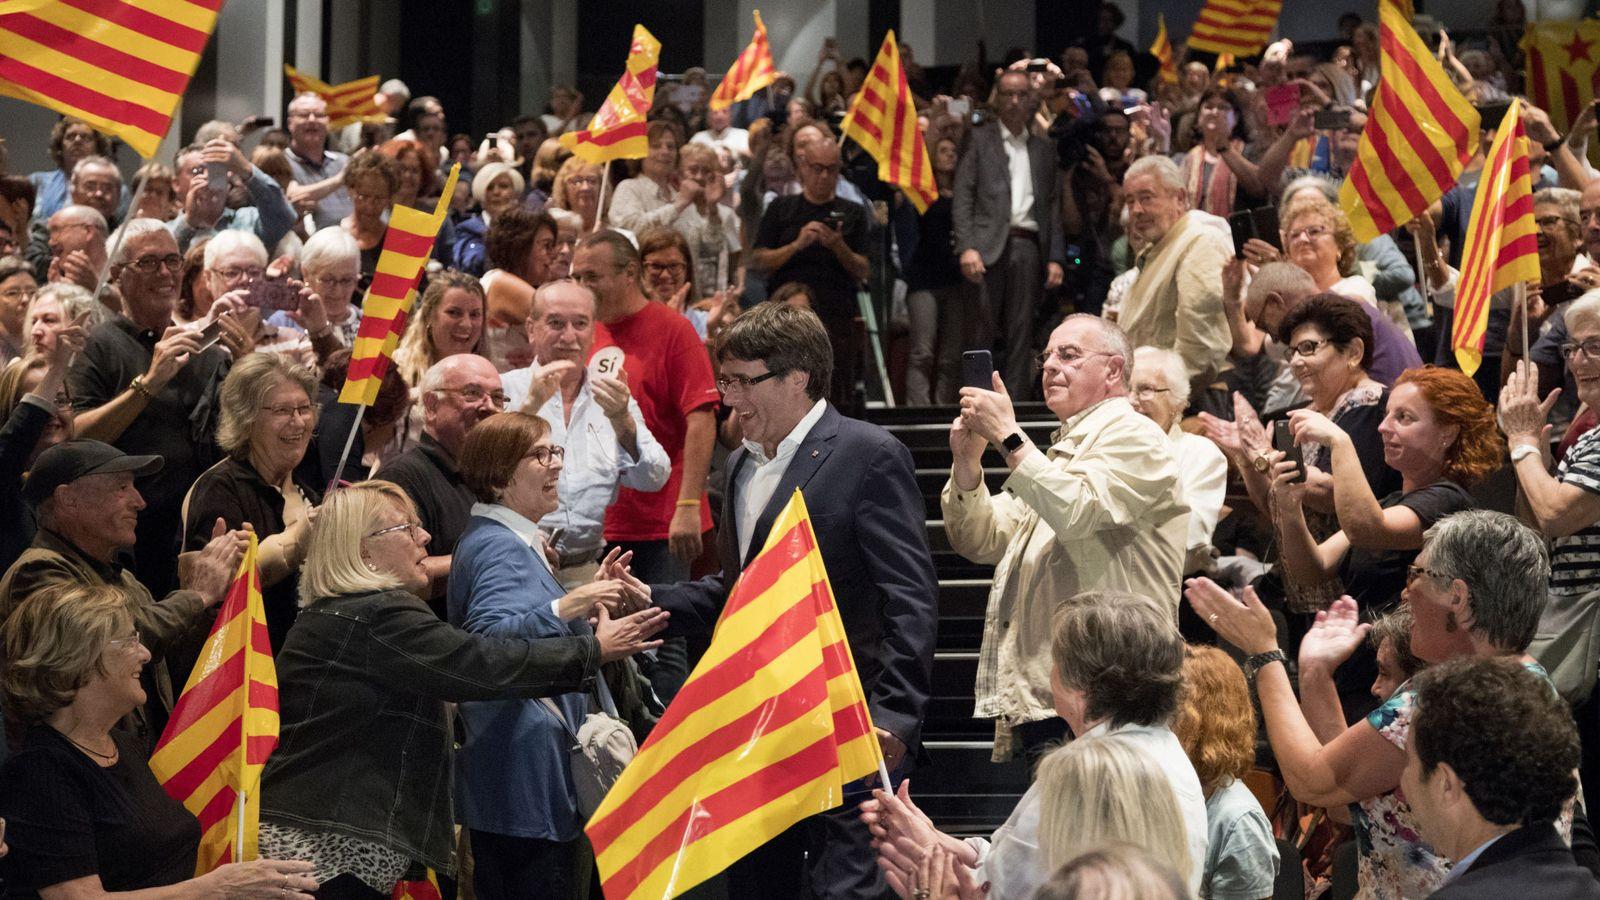 Foto: El presidente de la Generalitat, Carles Puigdemont (c), a su llegada al Teatro Principal de Badalona para participar en un acto del PDeCAT en favor del referéndum del 1-O. (EFE)